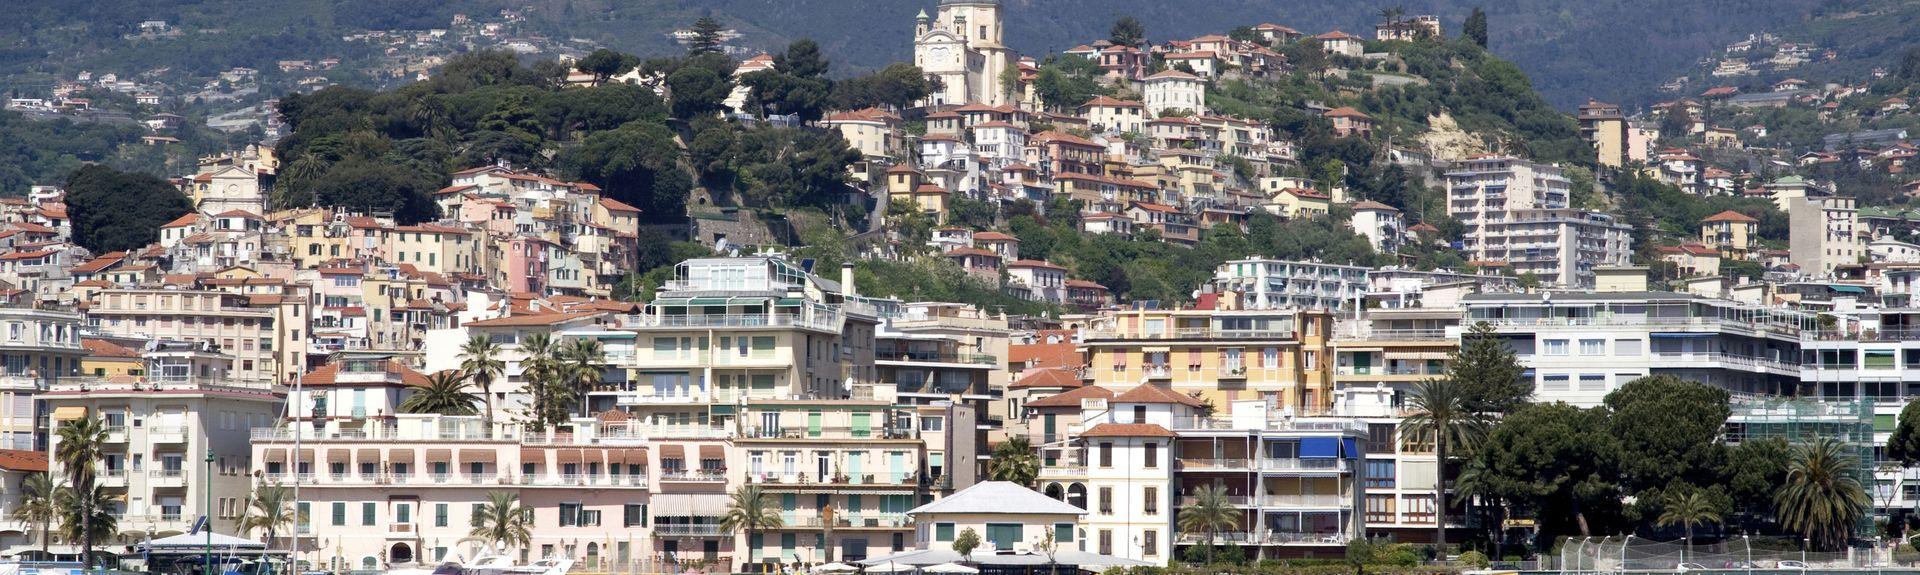 Sanremo, Imperia, Liguria, Italy